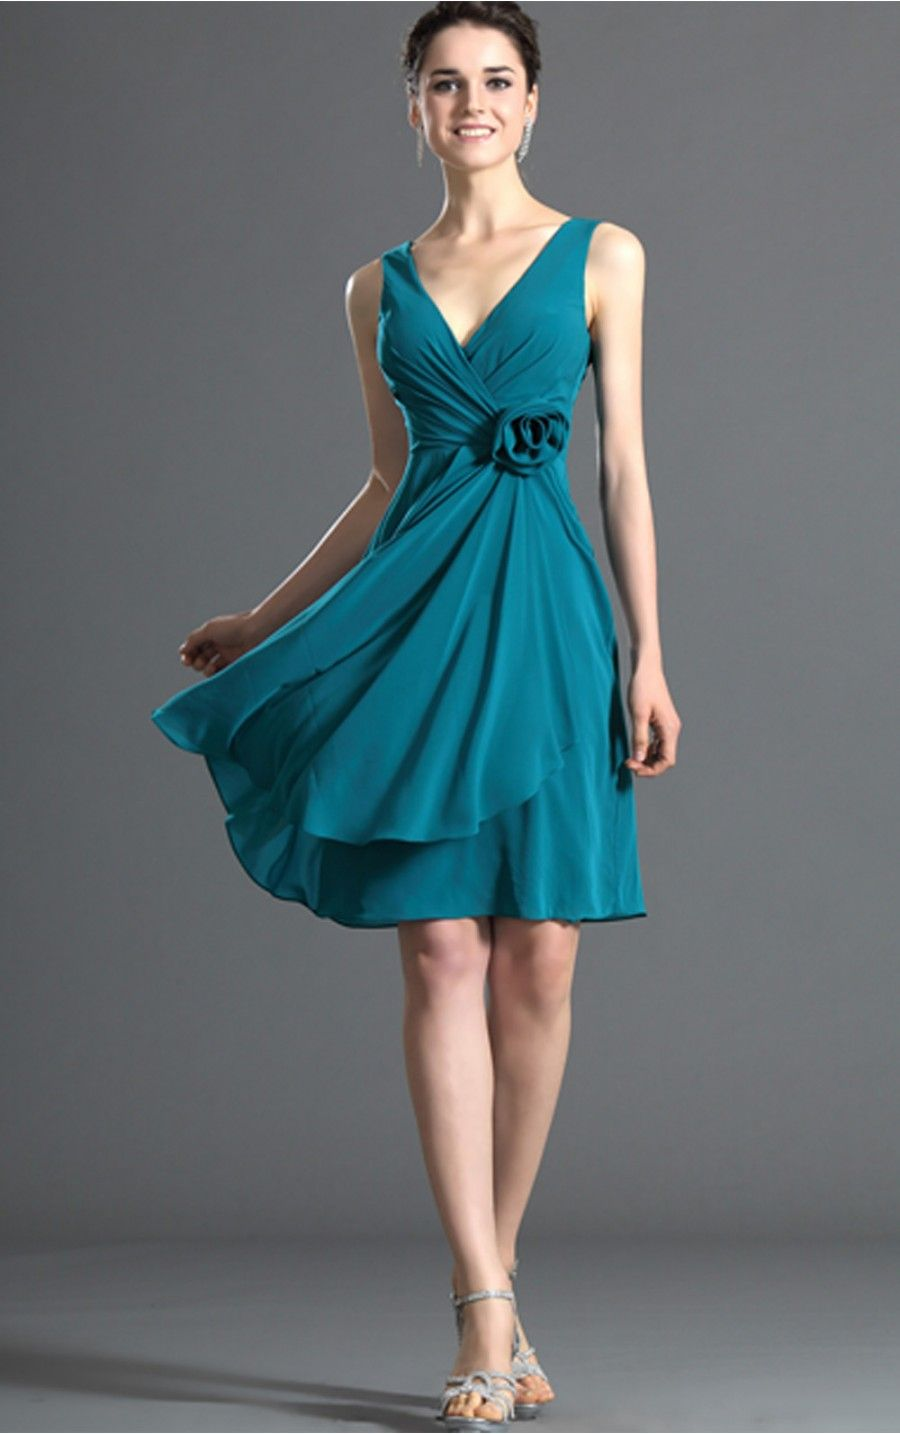 Blue A-line Knee-length V-neck Dress [Dresses 10407] - $121.00 ...